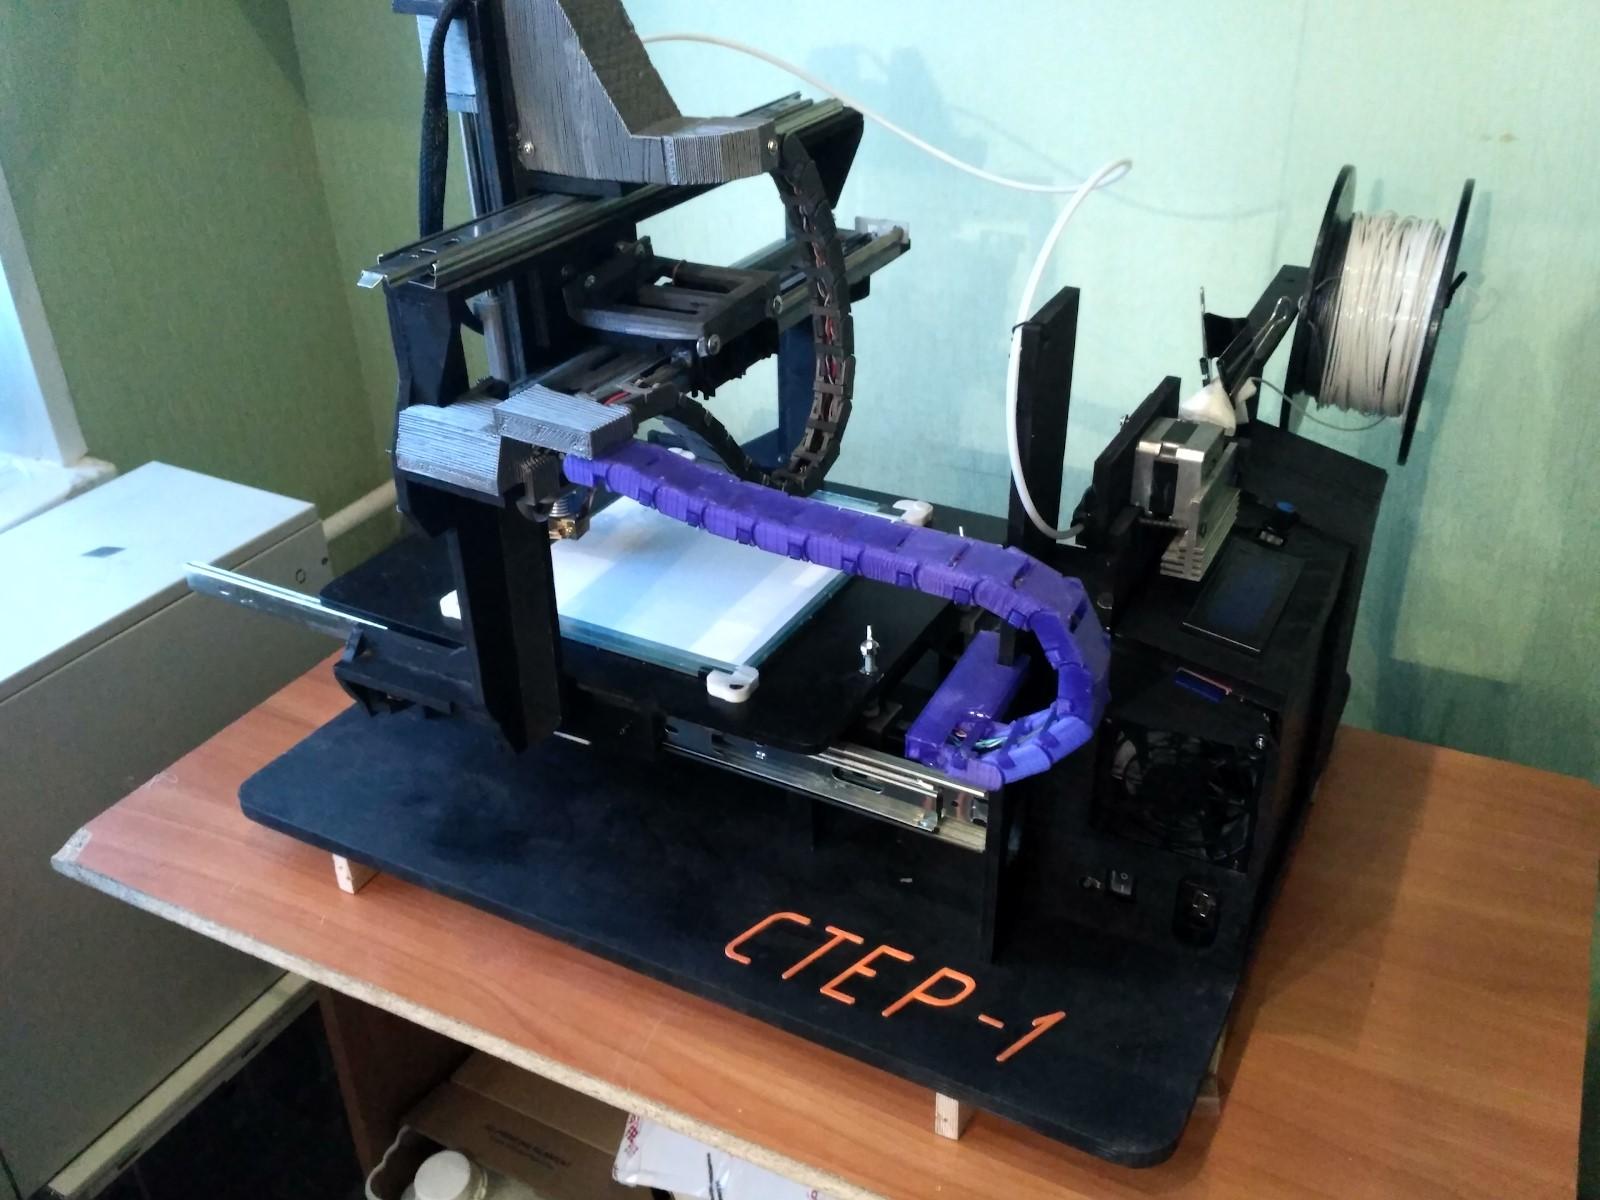 Конечный модернизированный вариант принтера с высотой печати 11 см